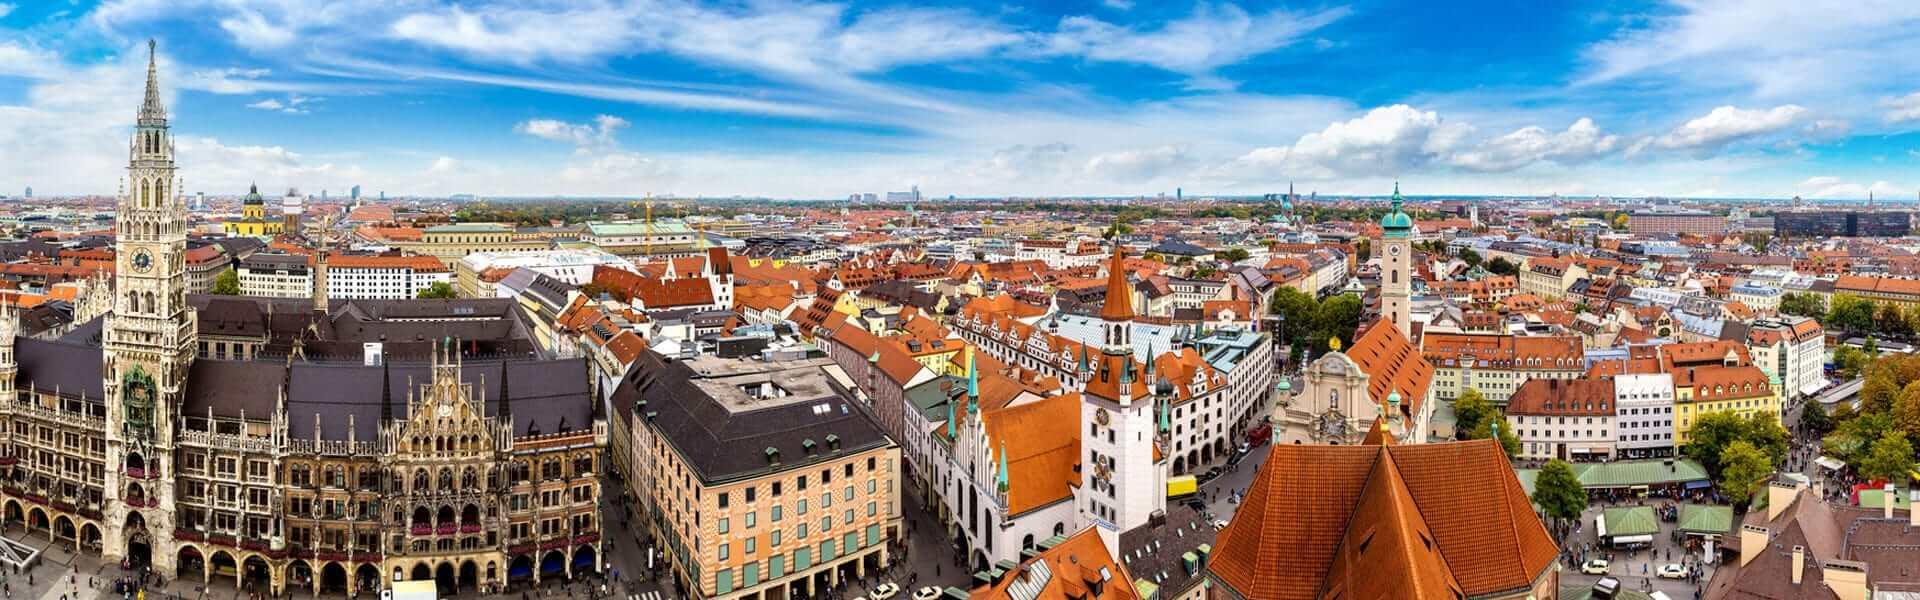 Teambuilding München mit der Firma als Ziel für den Städtetrip | b-ceed events